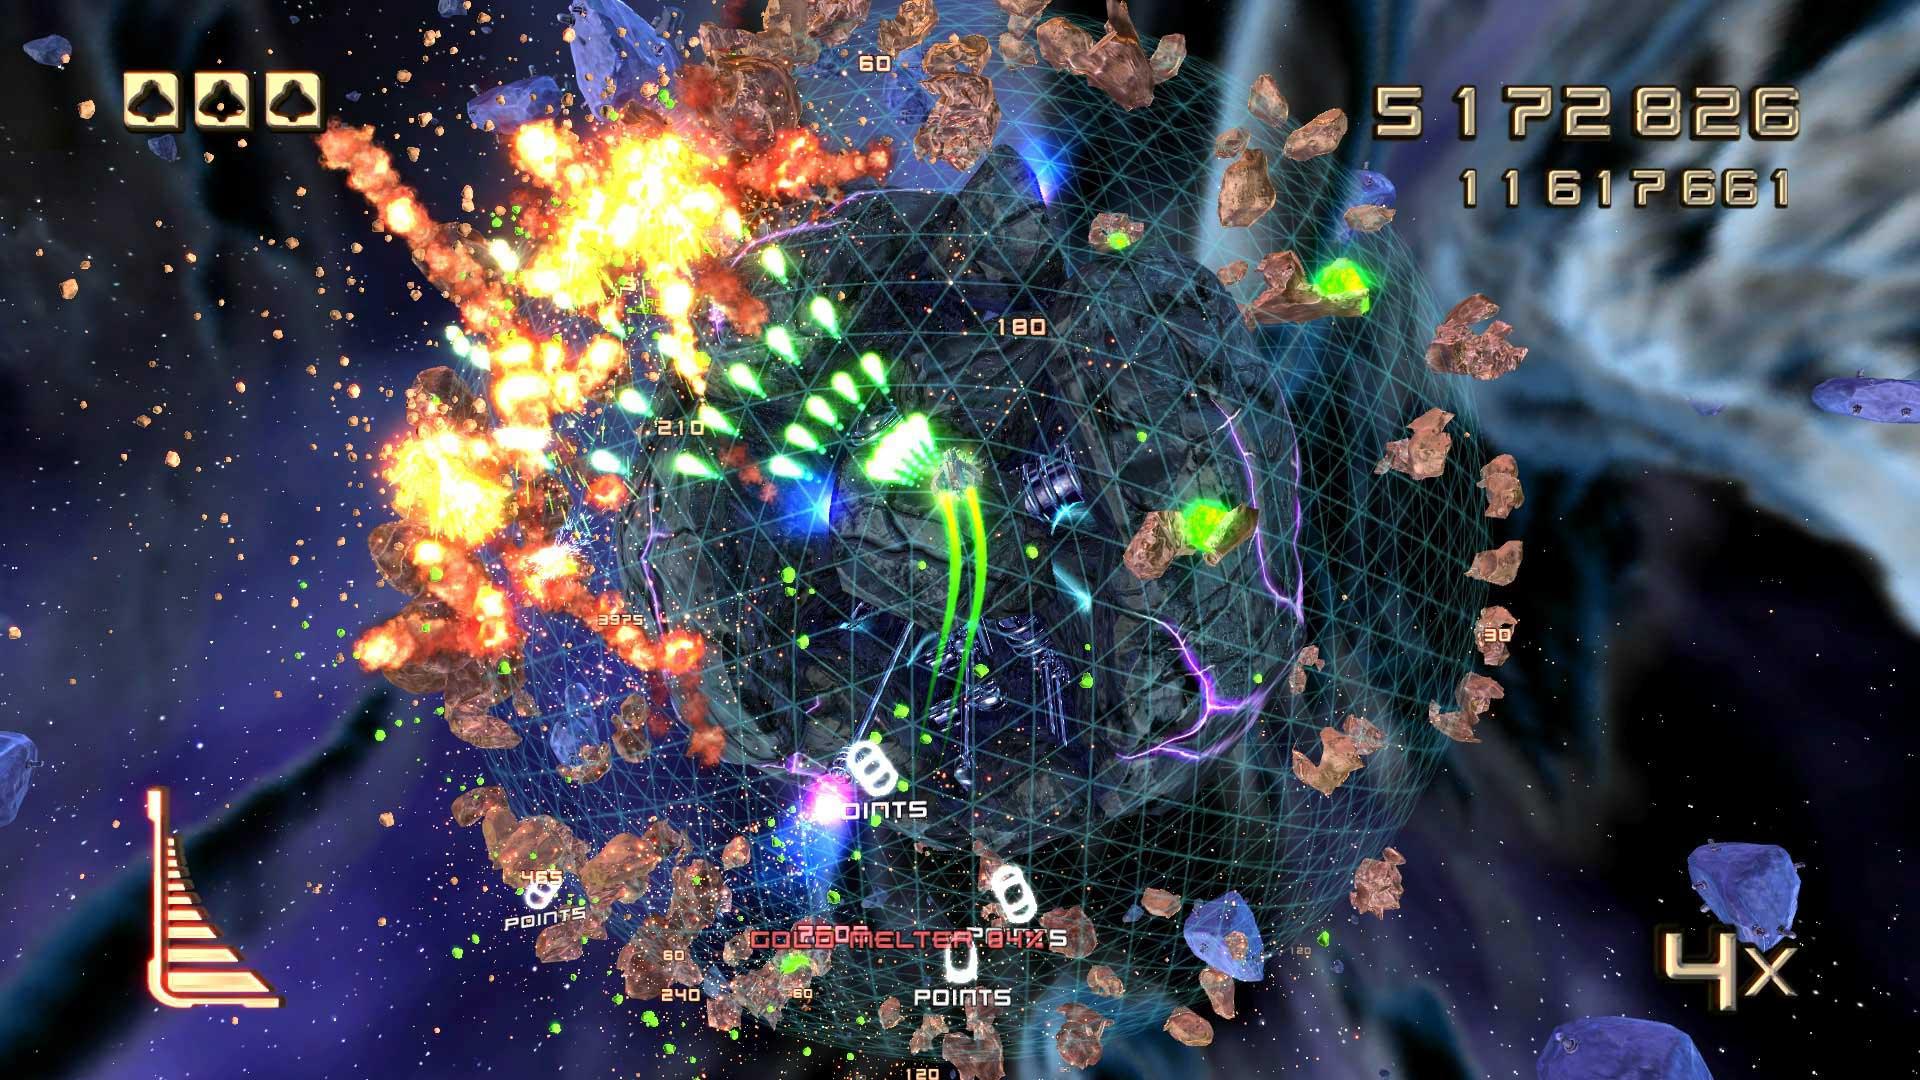 stardust 2 online game